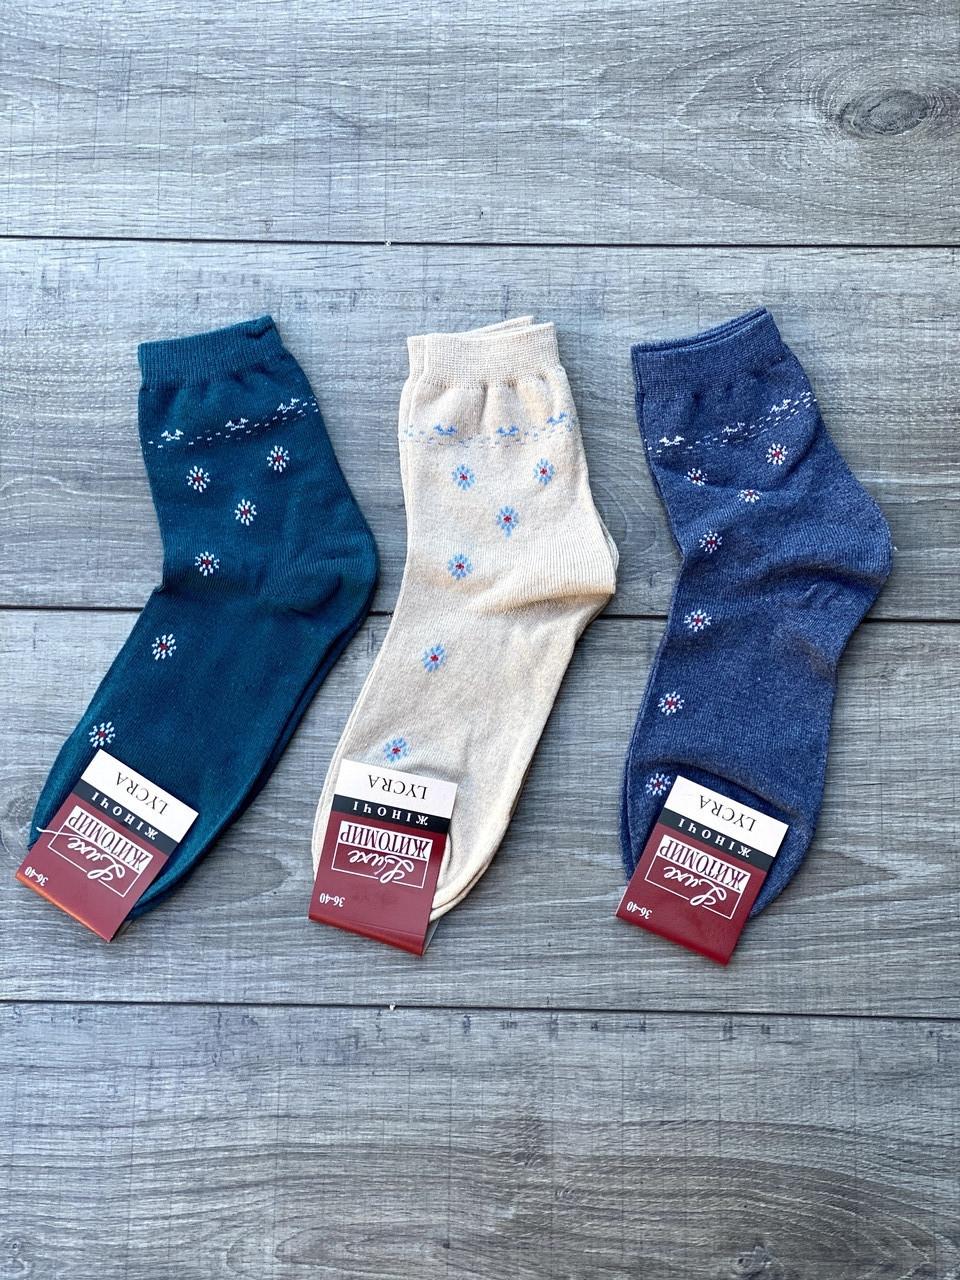 Жіночі носки шкарпетки стрейчеві Житомир Люкс в білий горошок 36-40  12 шт в уп фіолетові бордові